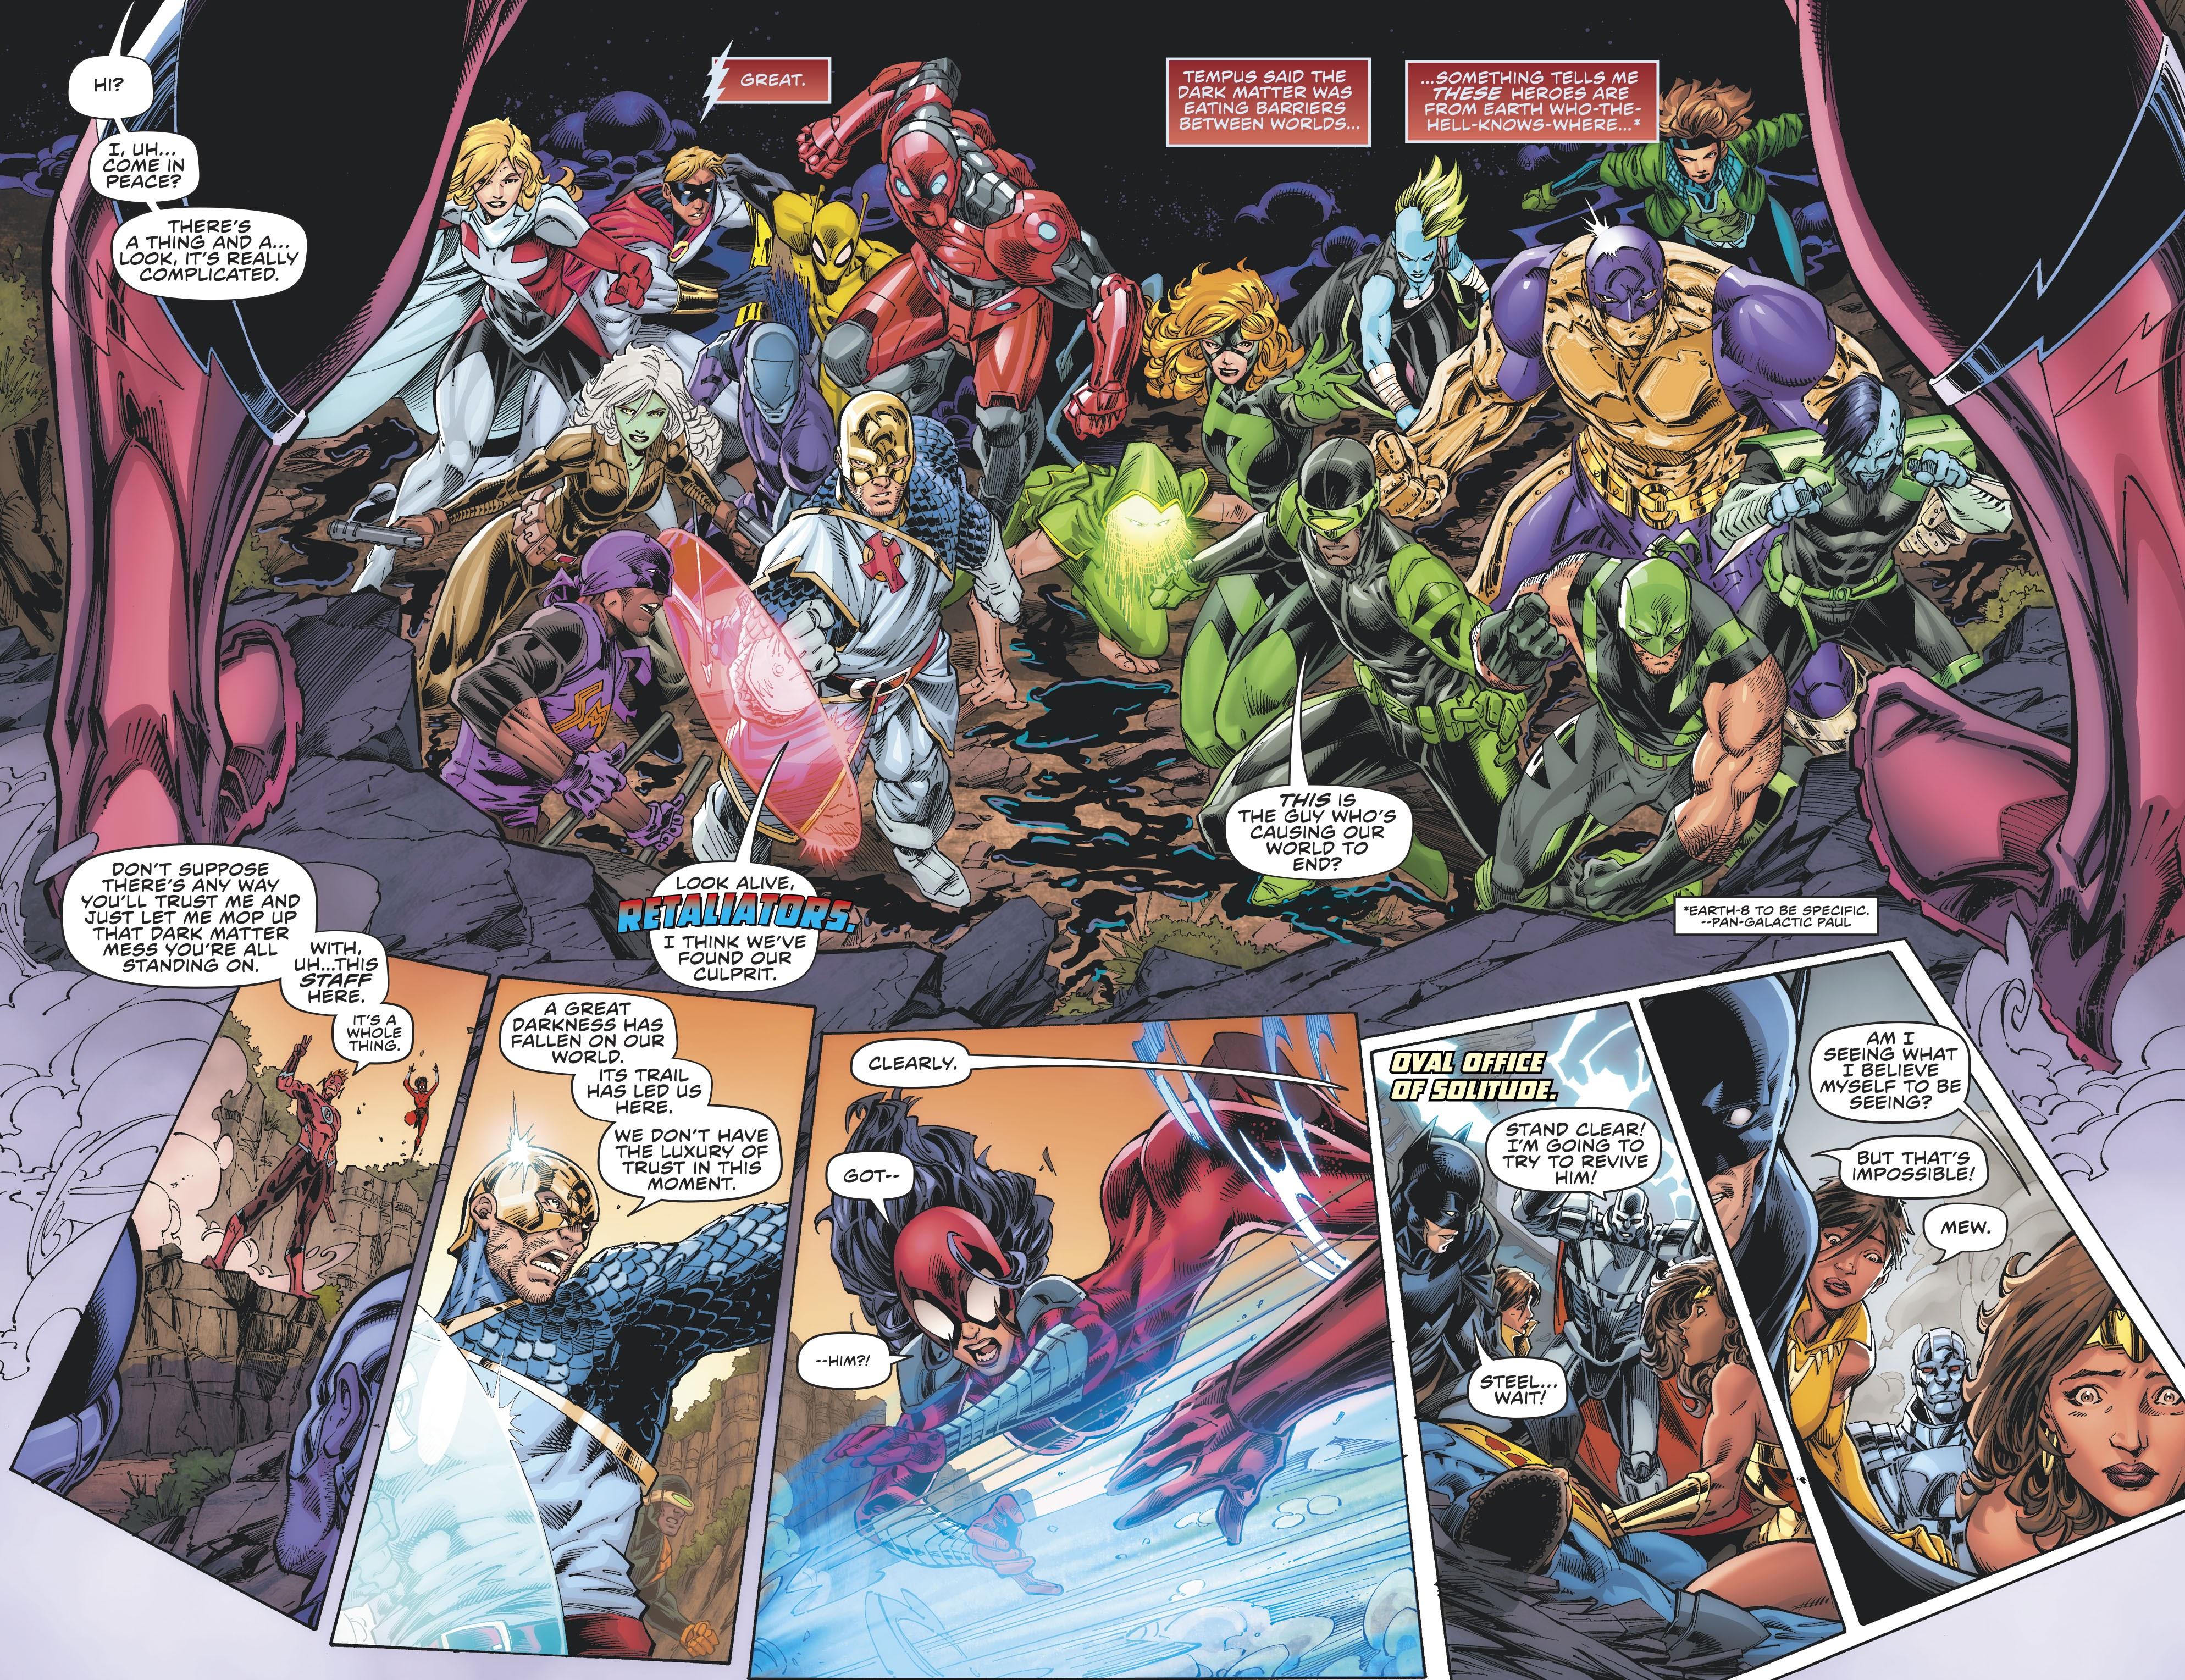 【DC宇宙相關】三代閃電俠拯救「復仇者聯盟」且他的雙胞胎孩子終於回歸!